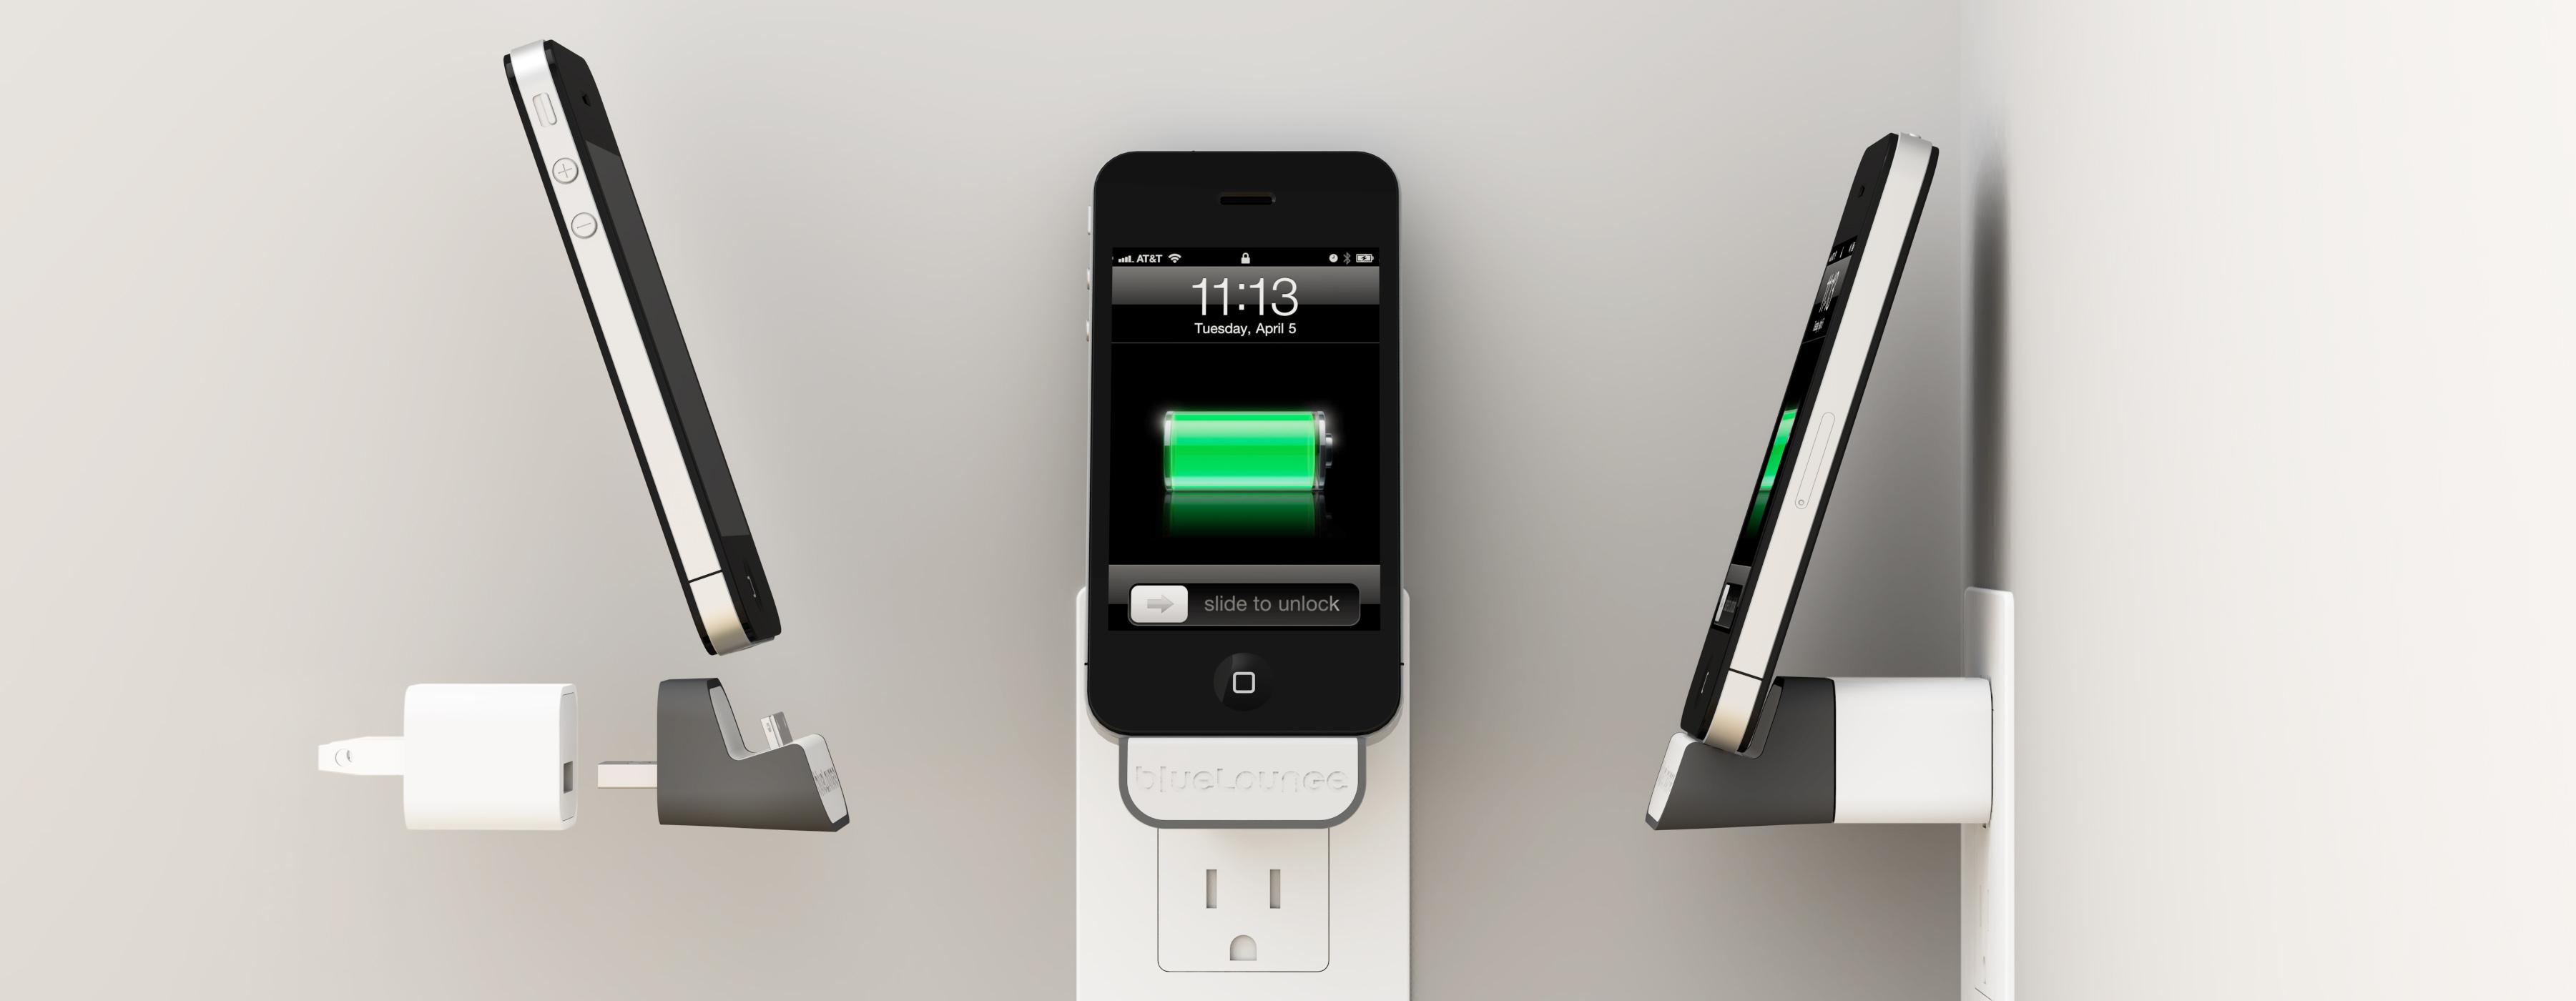 完美iphone充电伴侣-bluelounge